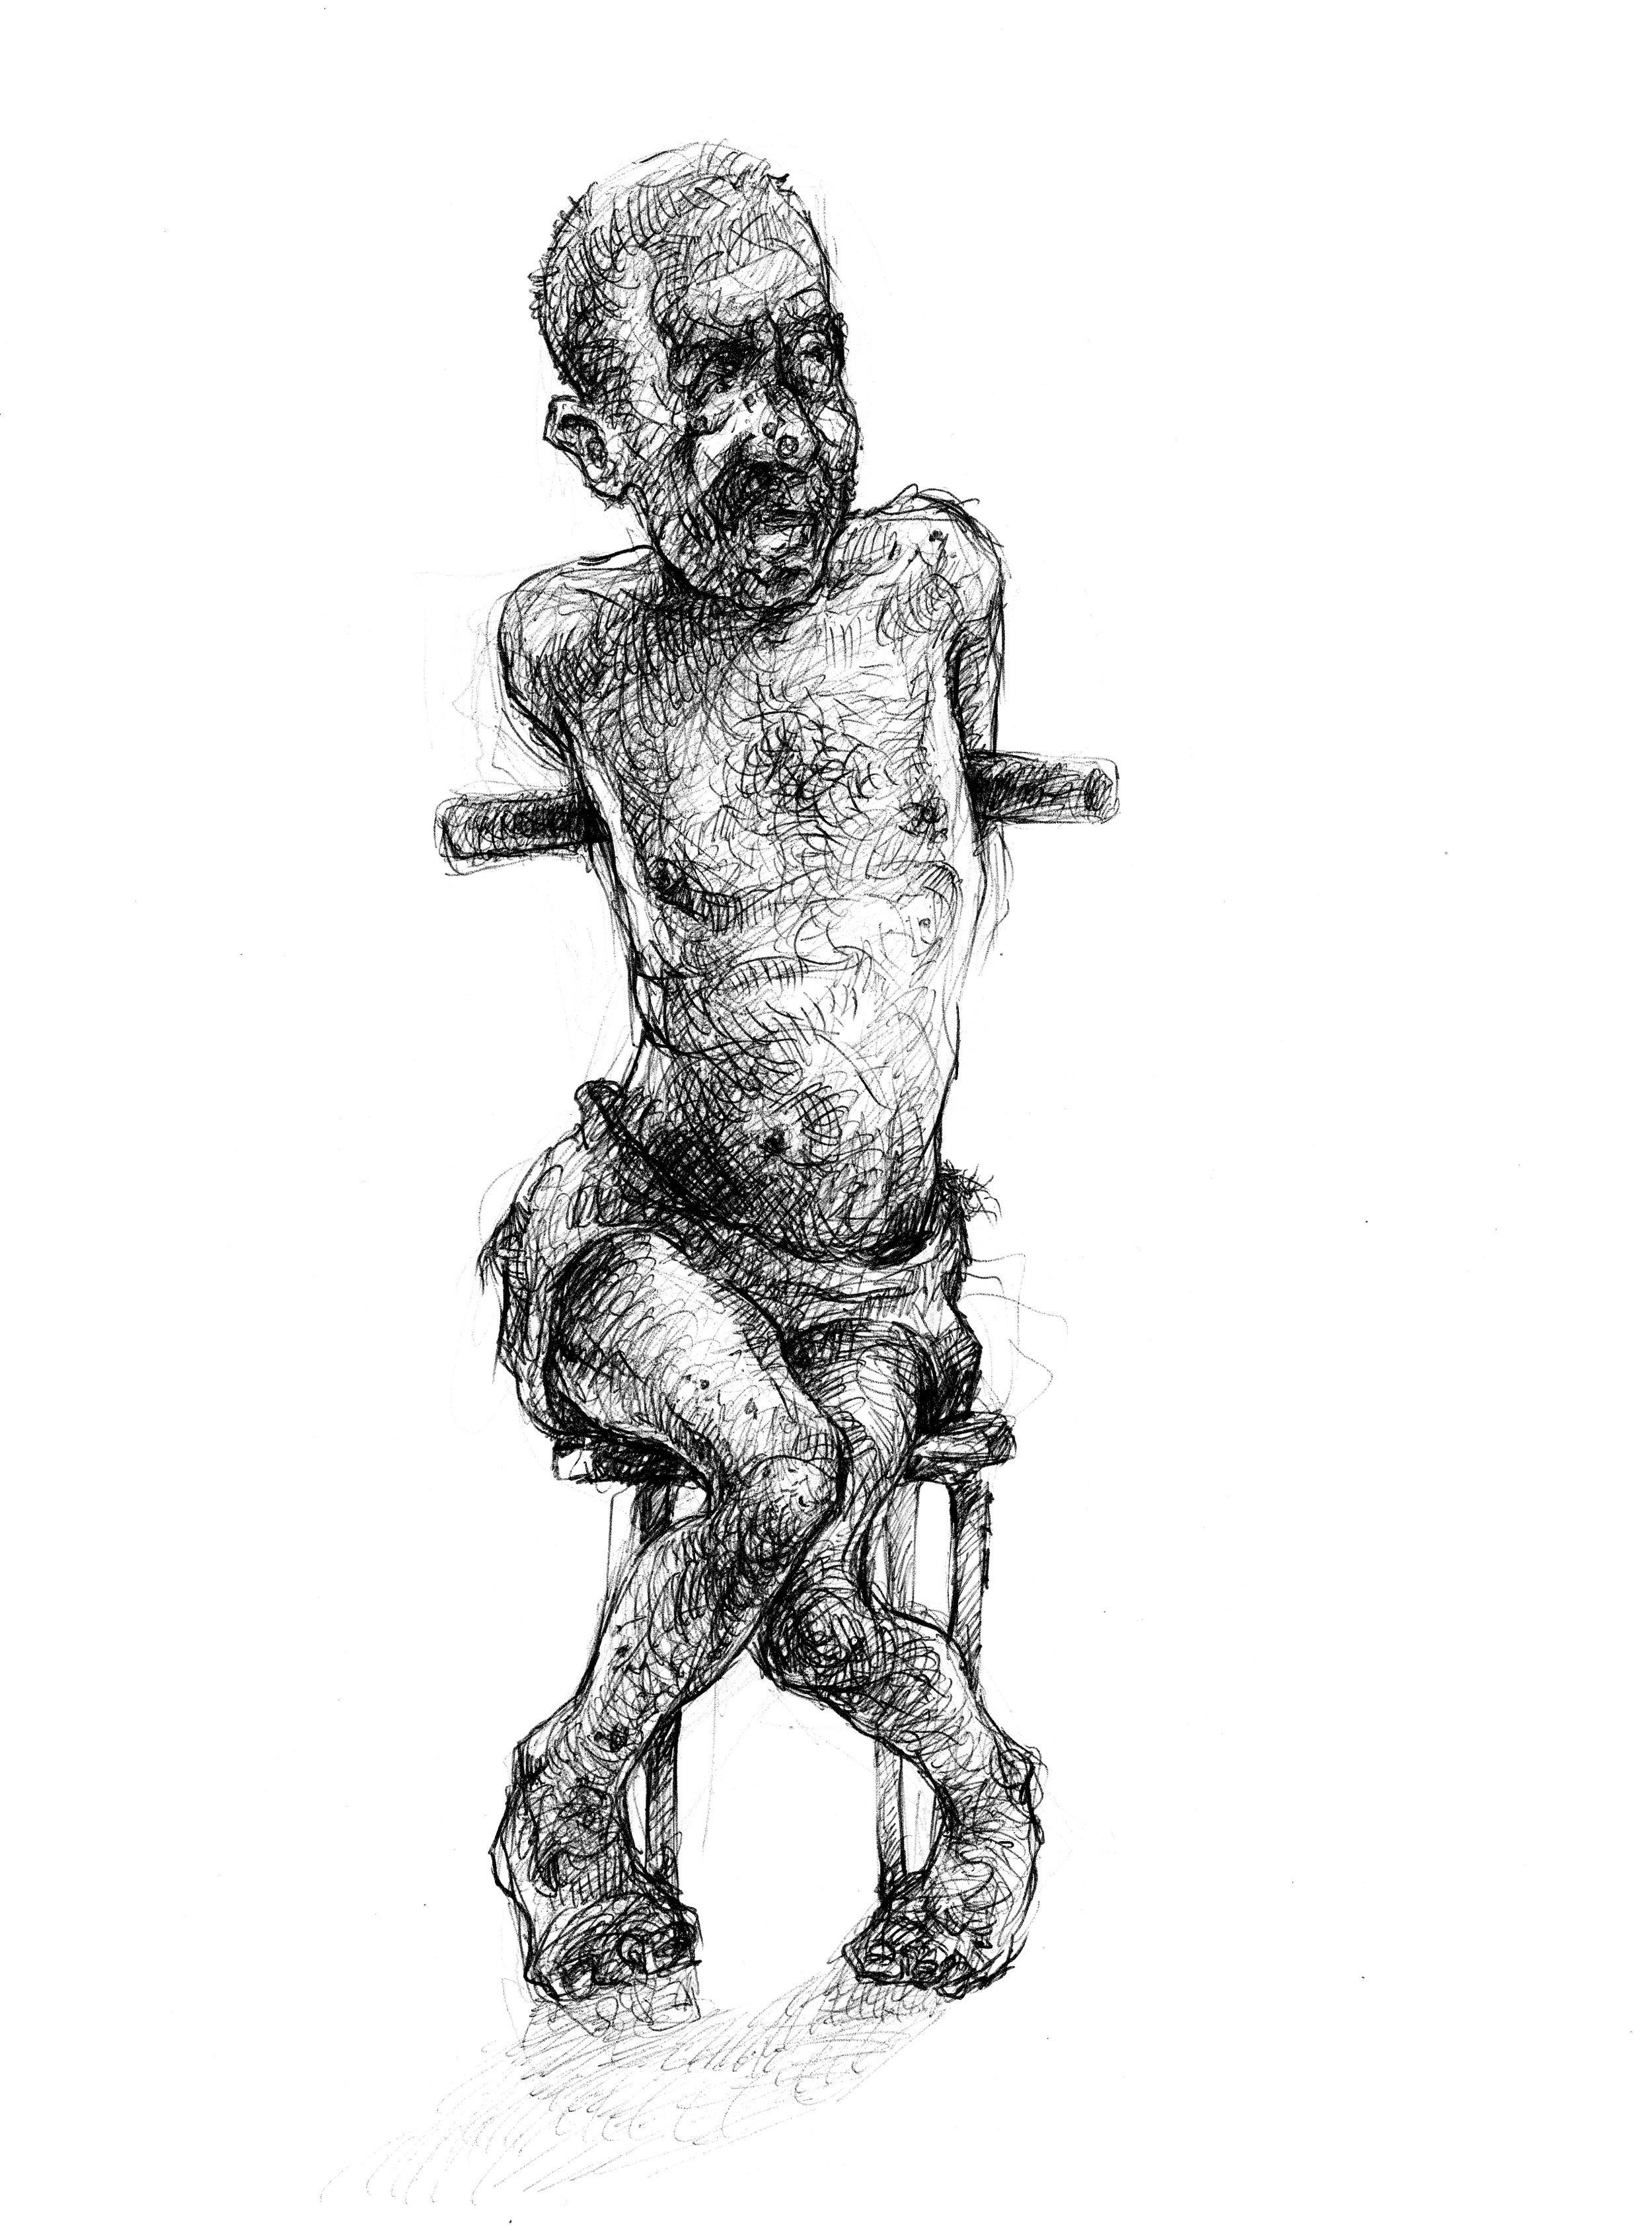 Elchocker, rep och bildäck. - En fånge sitter på en pall av metall med ett stålrör under armarna för att kunna ges elchocker under förhöret. En annan ligger upp och ned på huvudet – han ska få ett bildäck trätt över sig så att han därefter sitter fast.